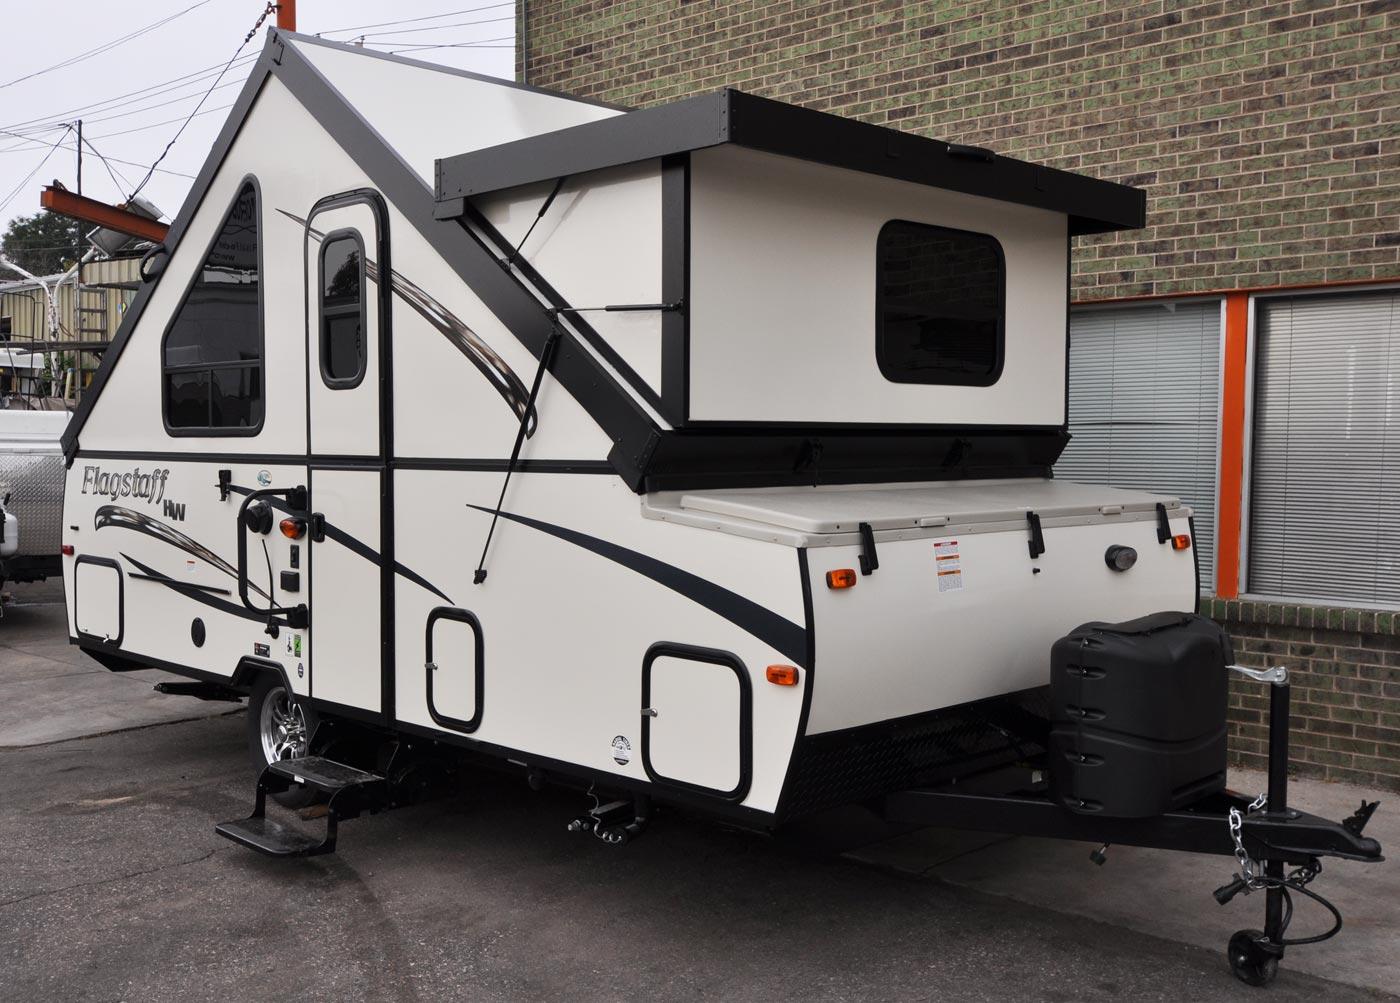 Flagstaff T21DMHW Camping Trailer | Roberts Sales - Denver, Colorado